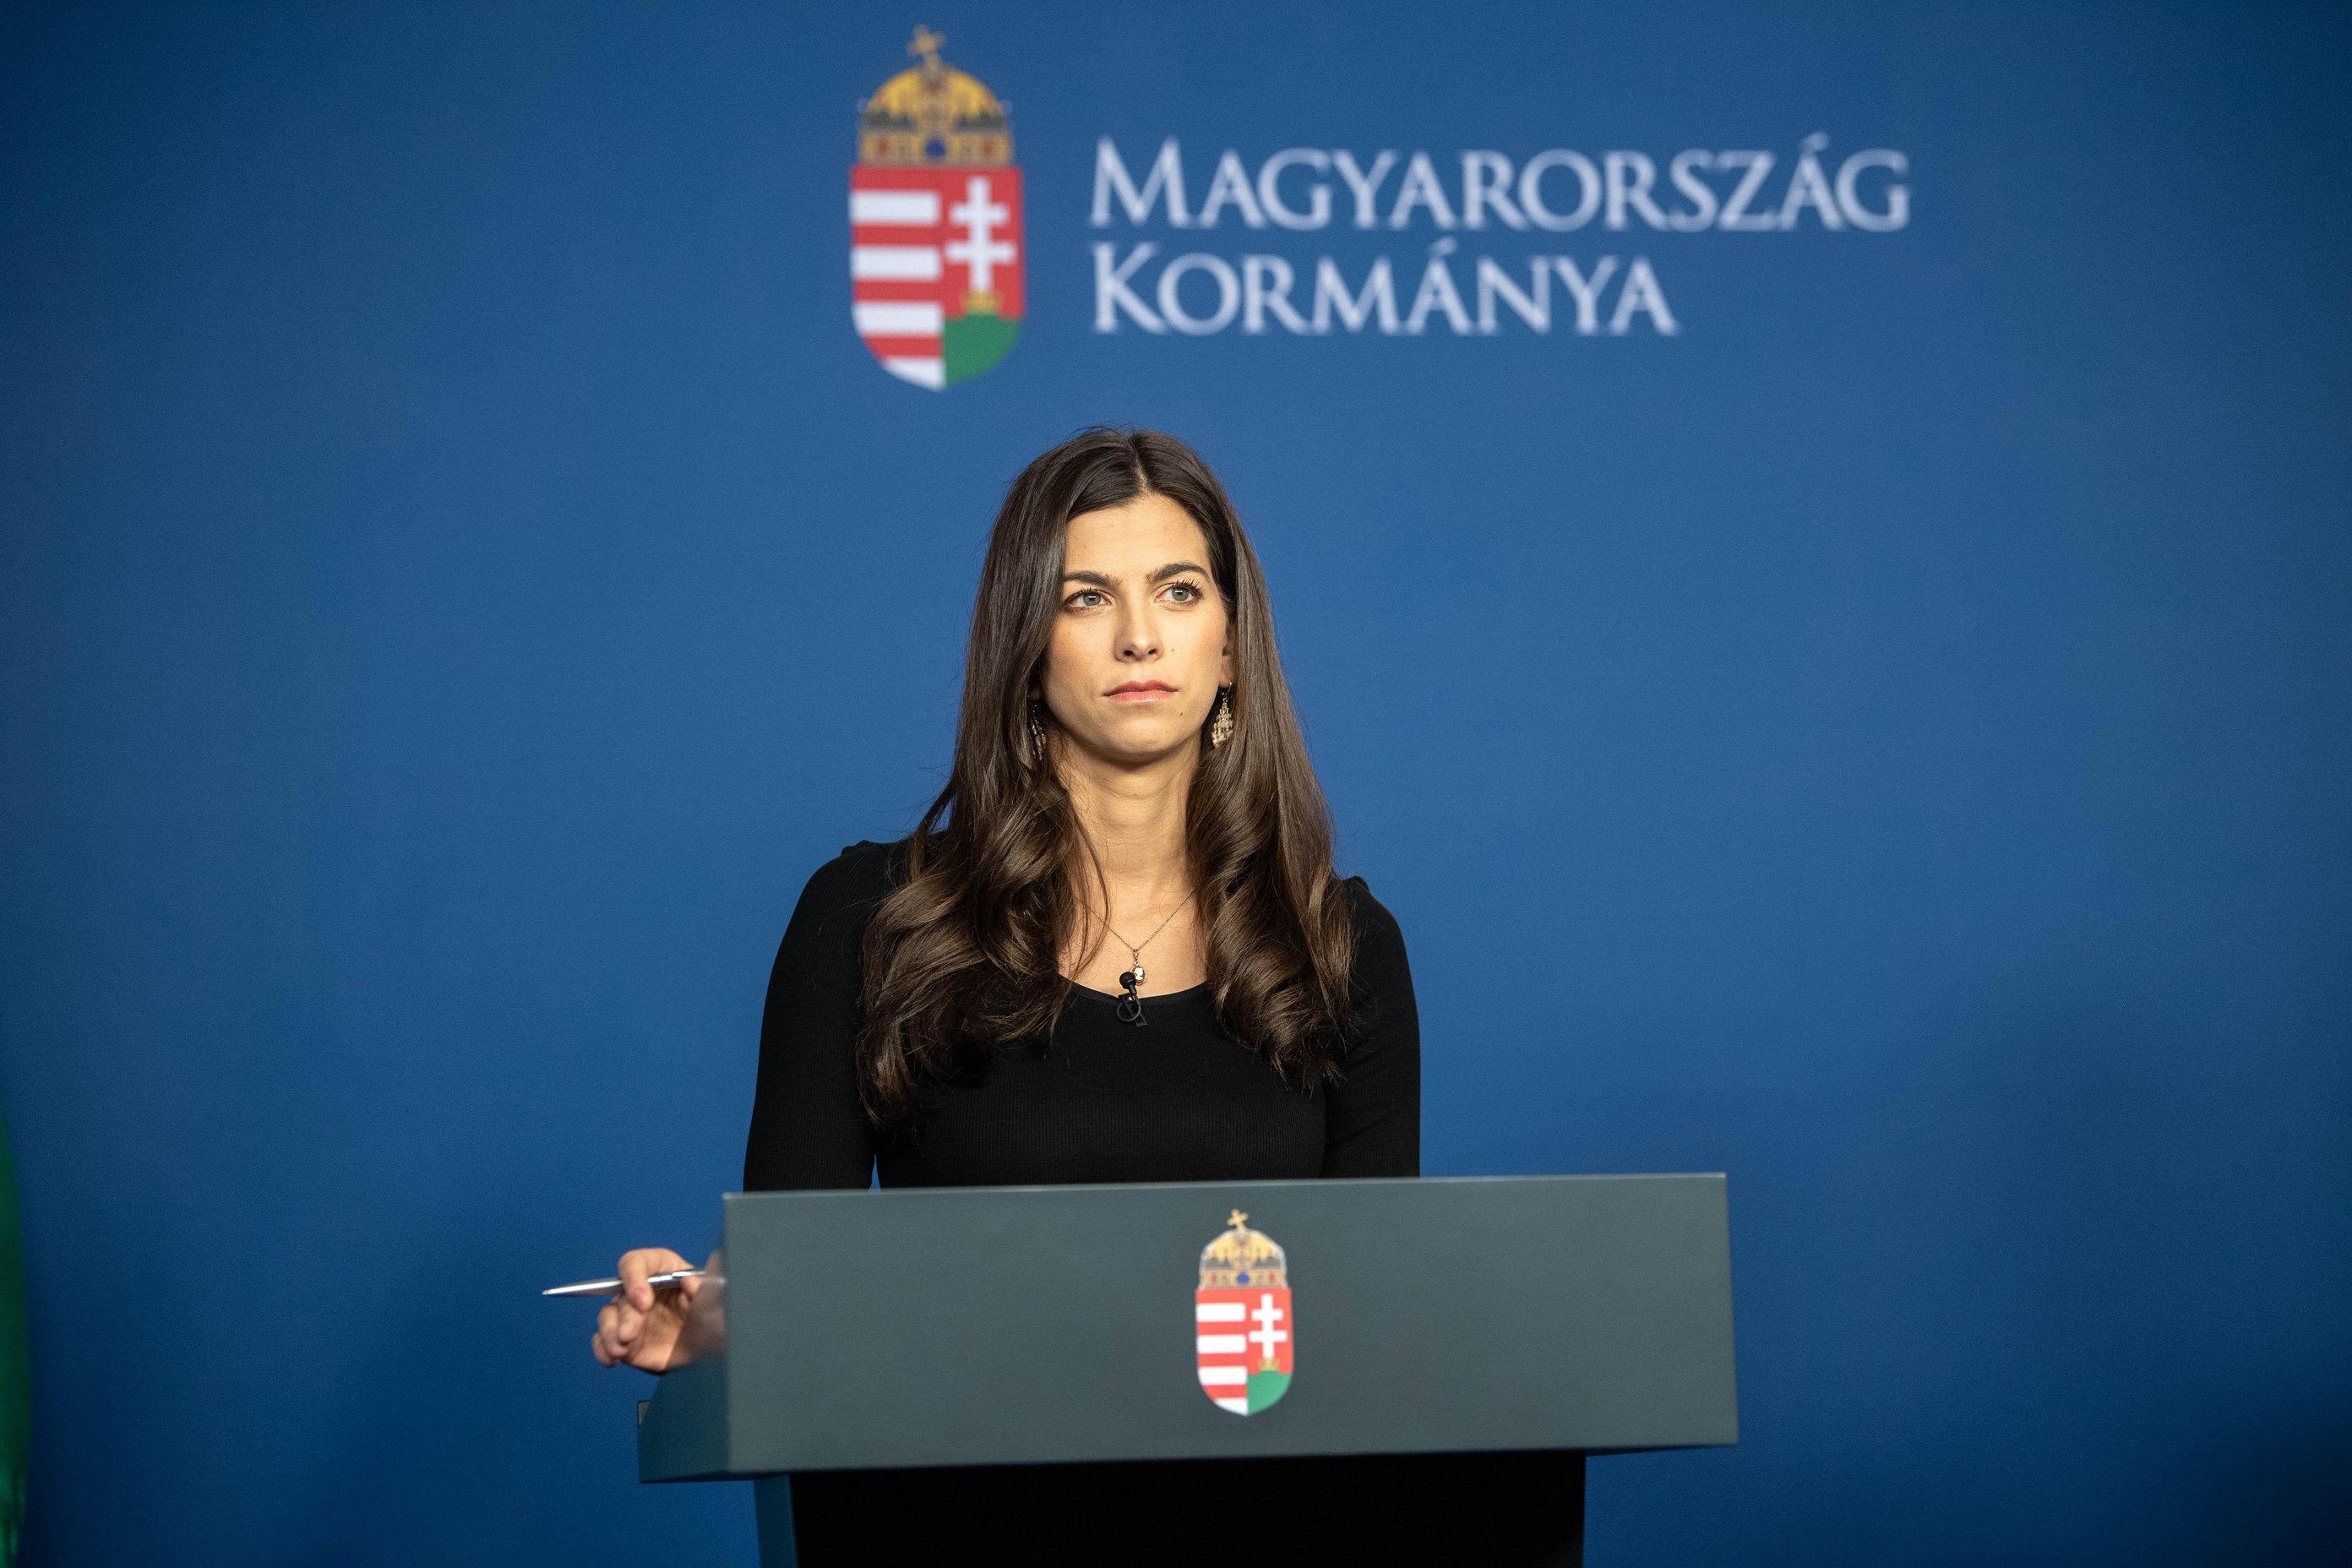 Immár hivatalos: a kormányszóvivő értette félre az aktuális kijárási korlátozásokat